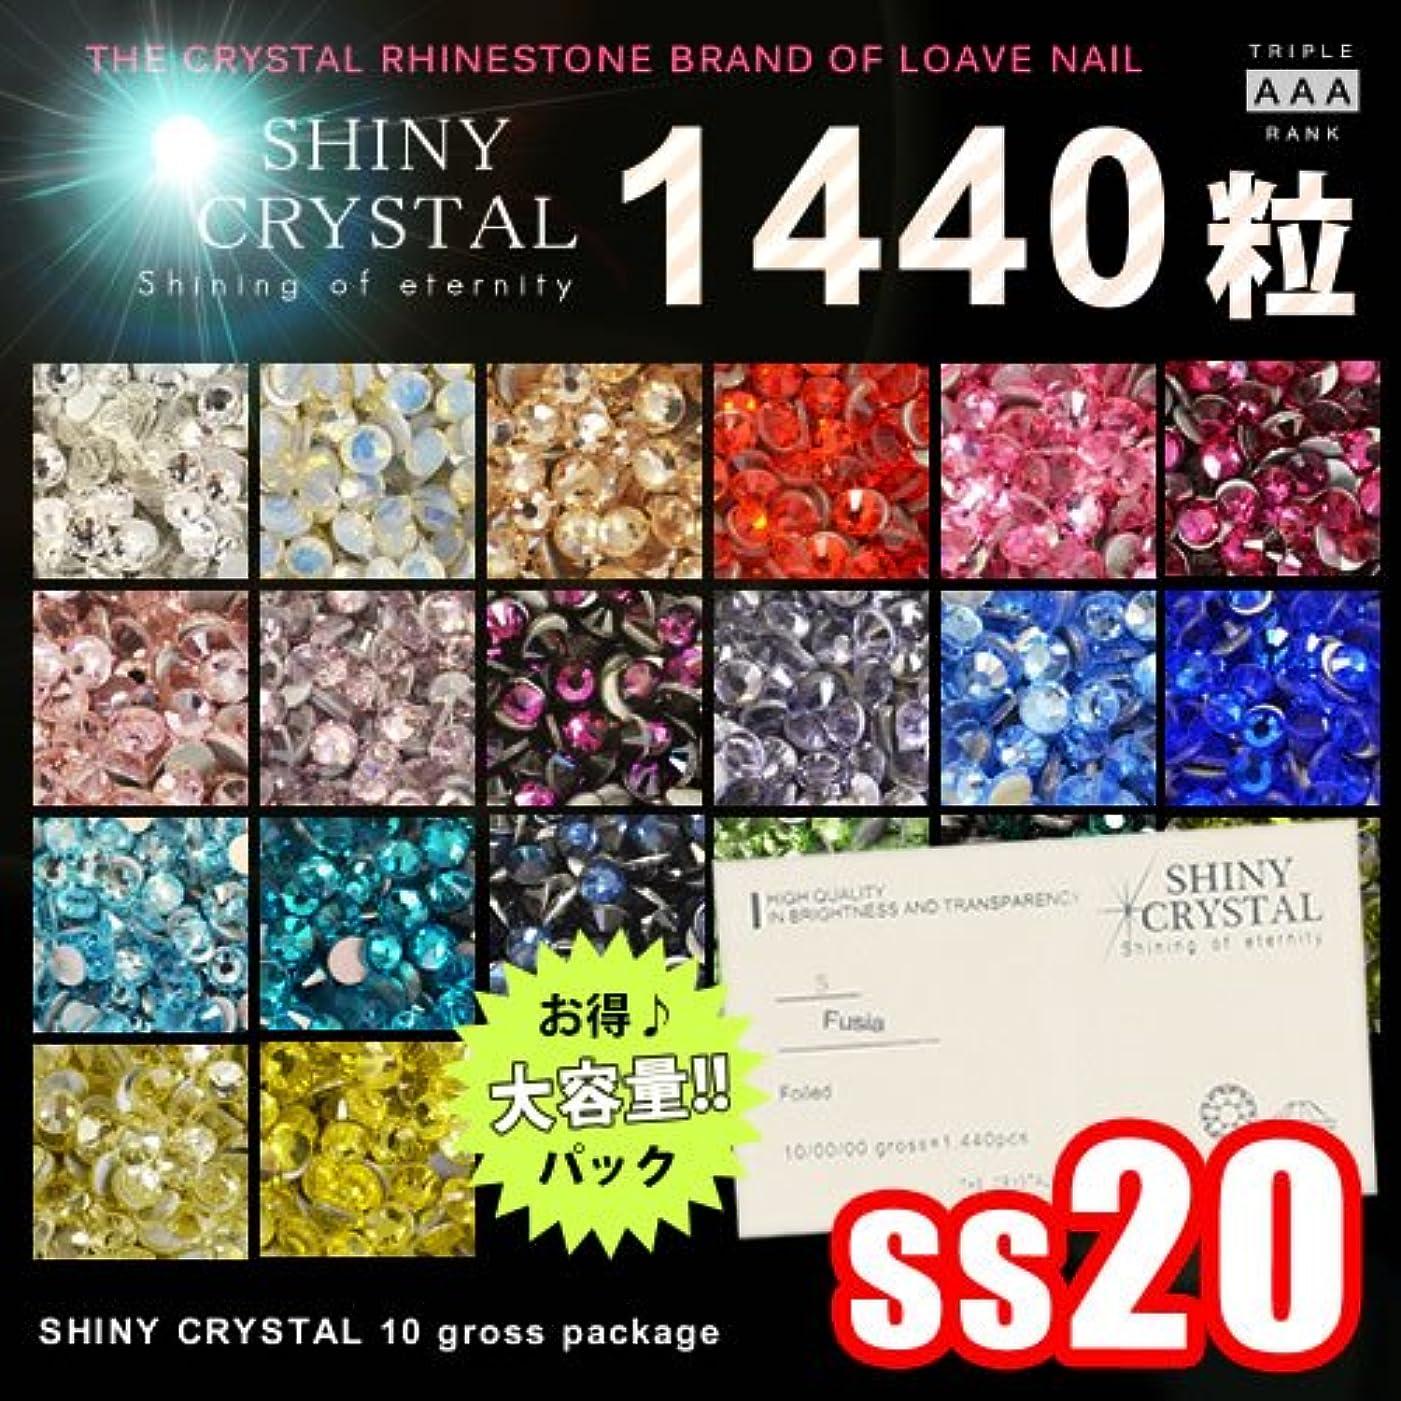 十一染料発生シャイニークリスタル(SHINY CRYSTAL)「 14、ピーコックブルー 」「ss20」【1440粒/グロスパッケージ】